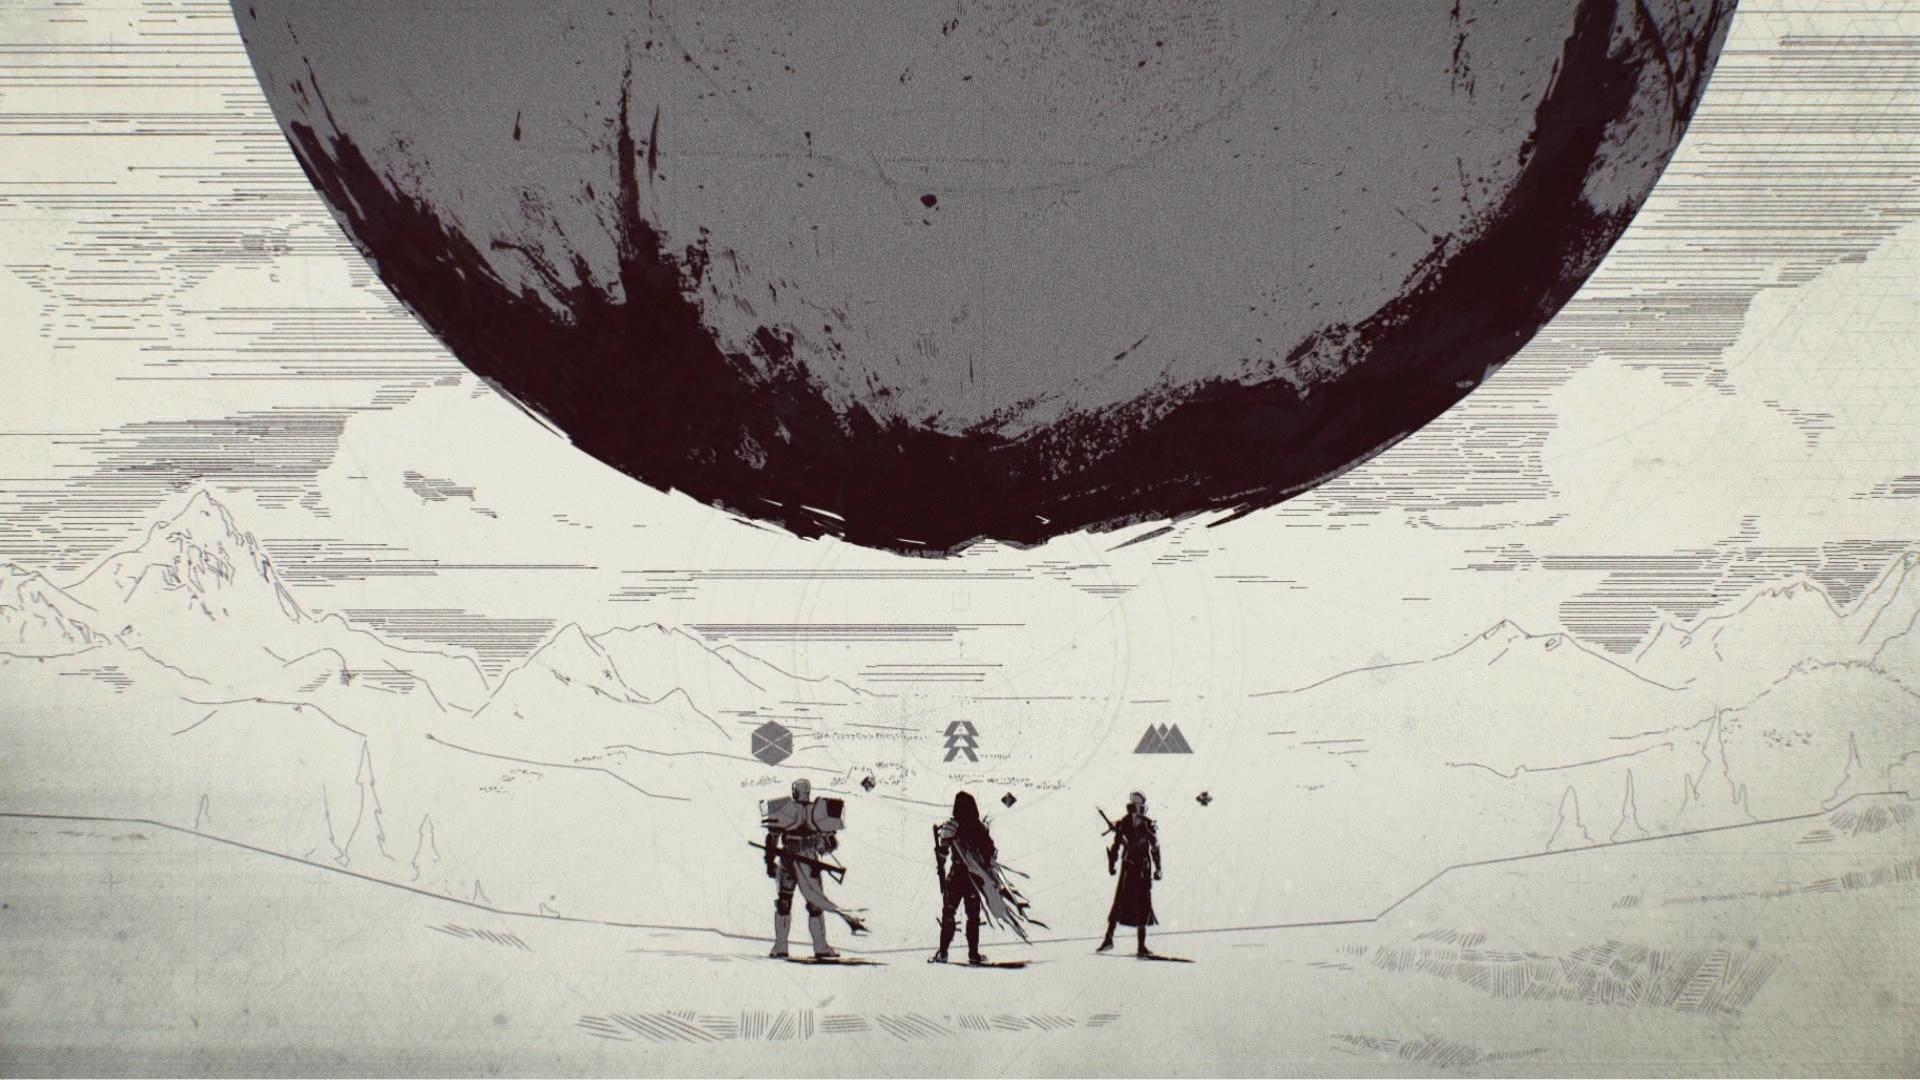 Download 1920x1080 Wallpaper Warriors Minimal Planet Destiny 2